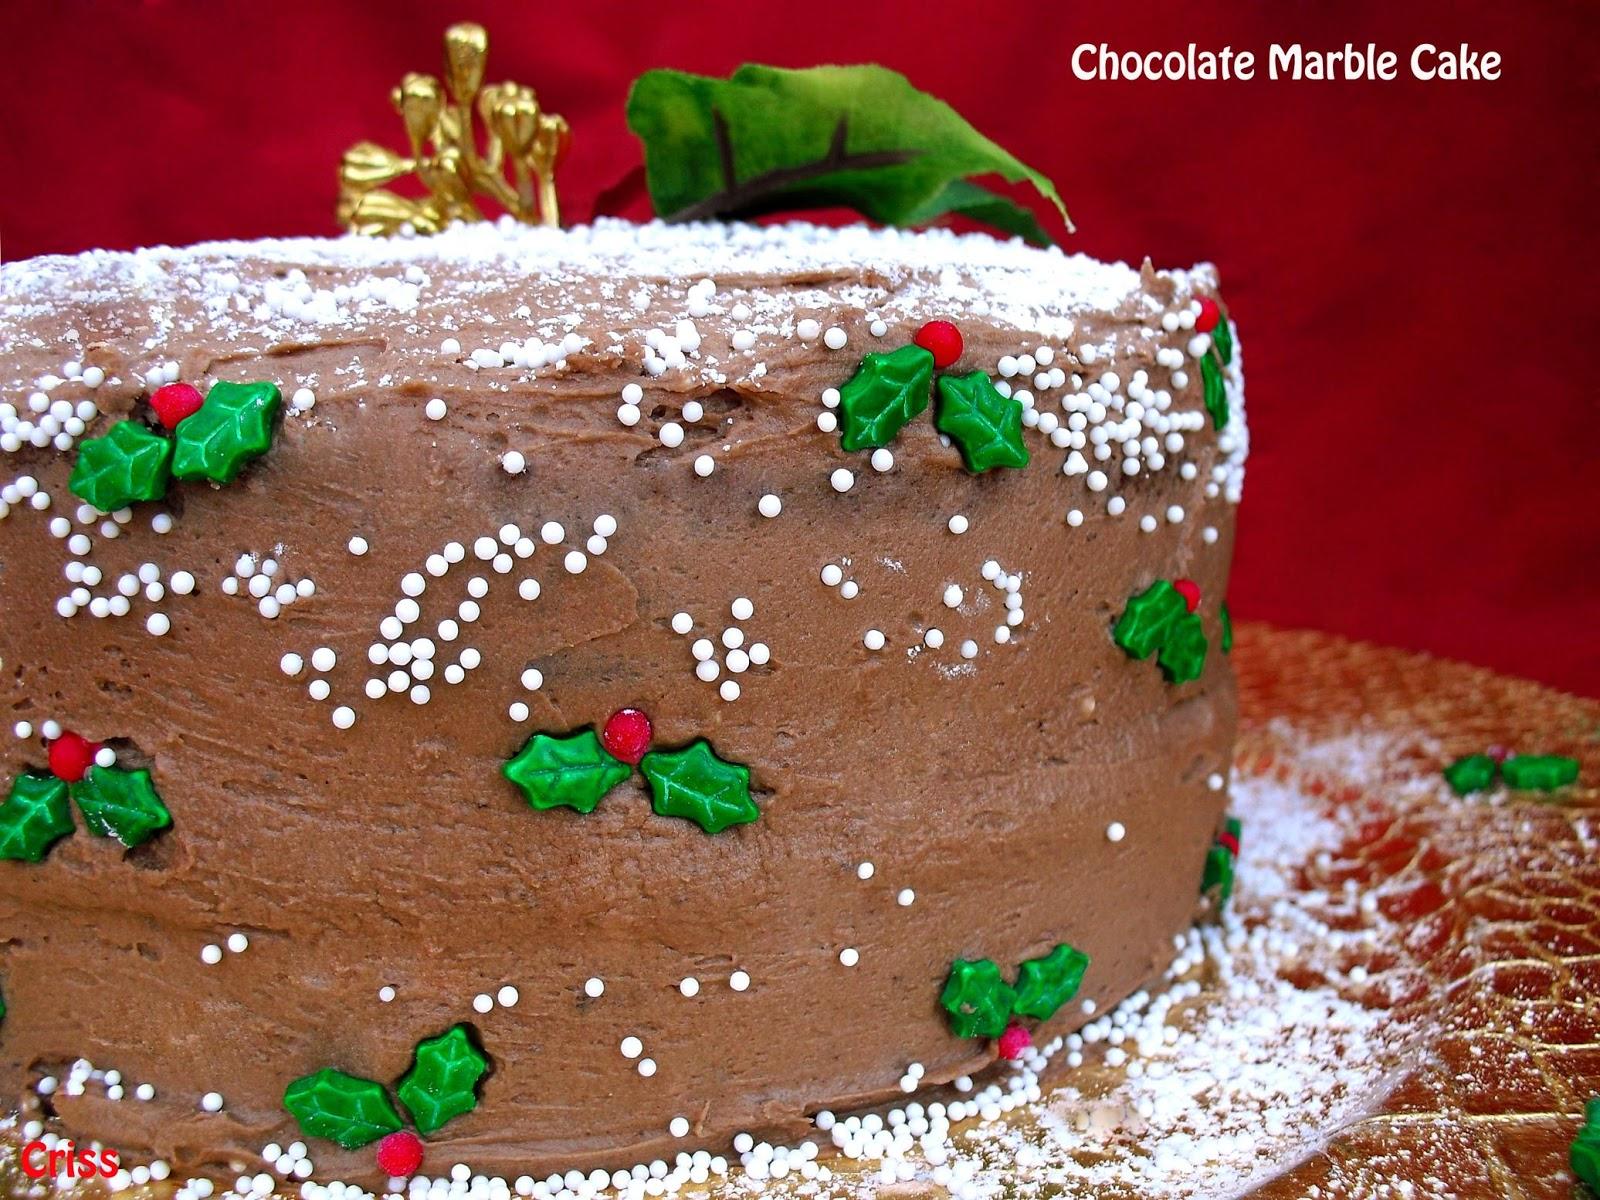 Chocolate Yema Cake